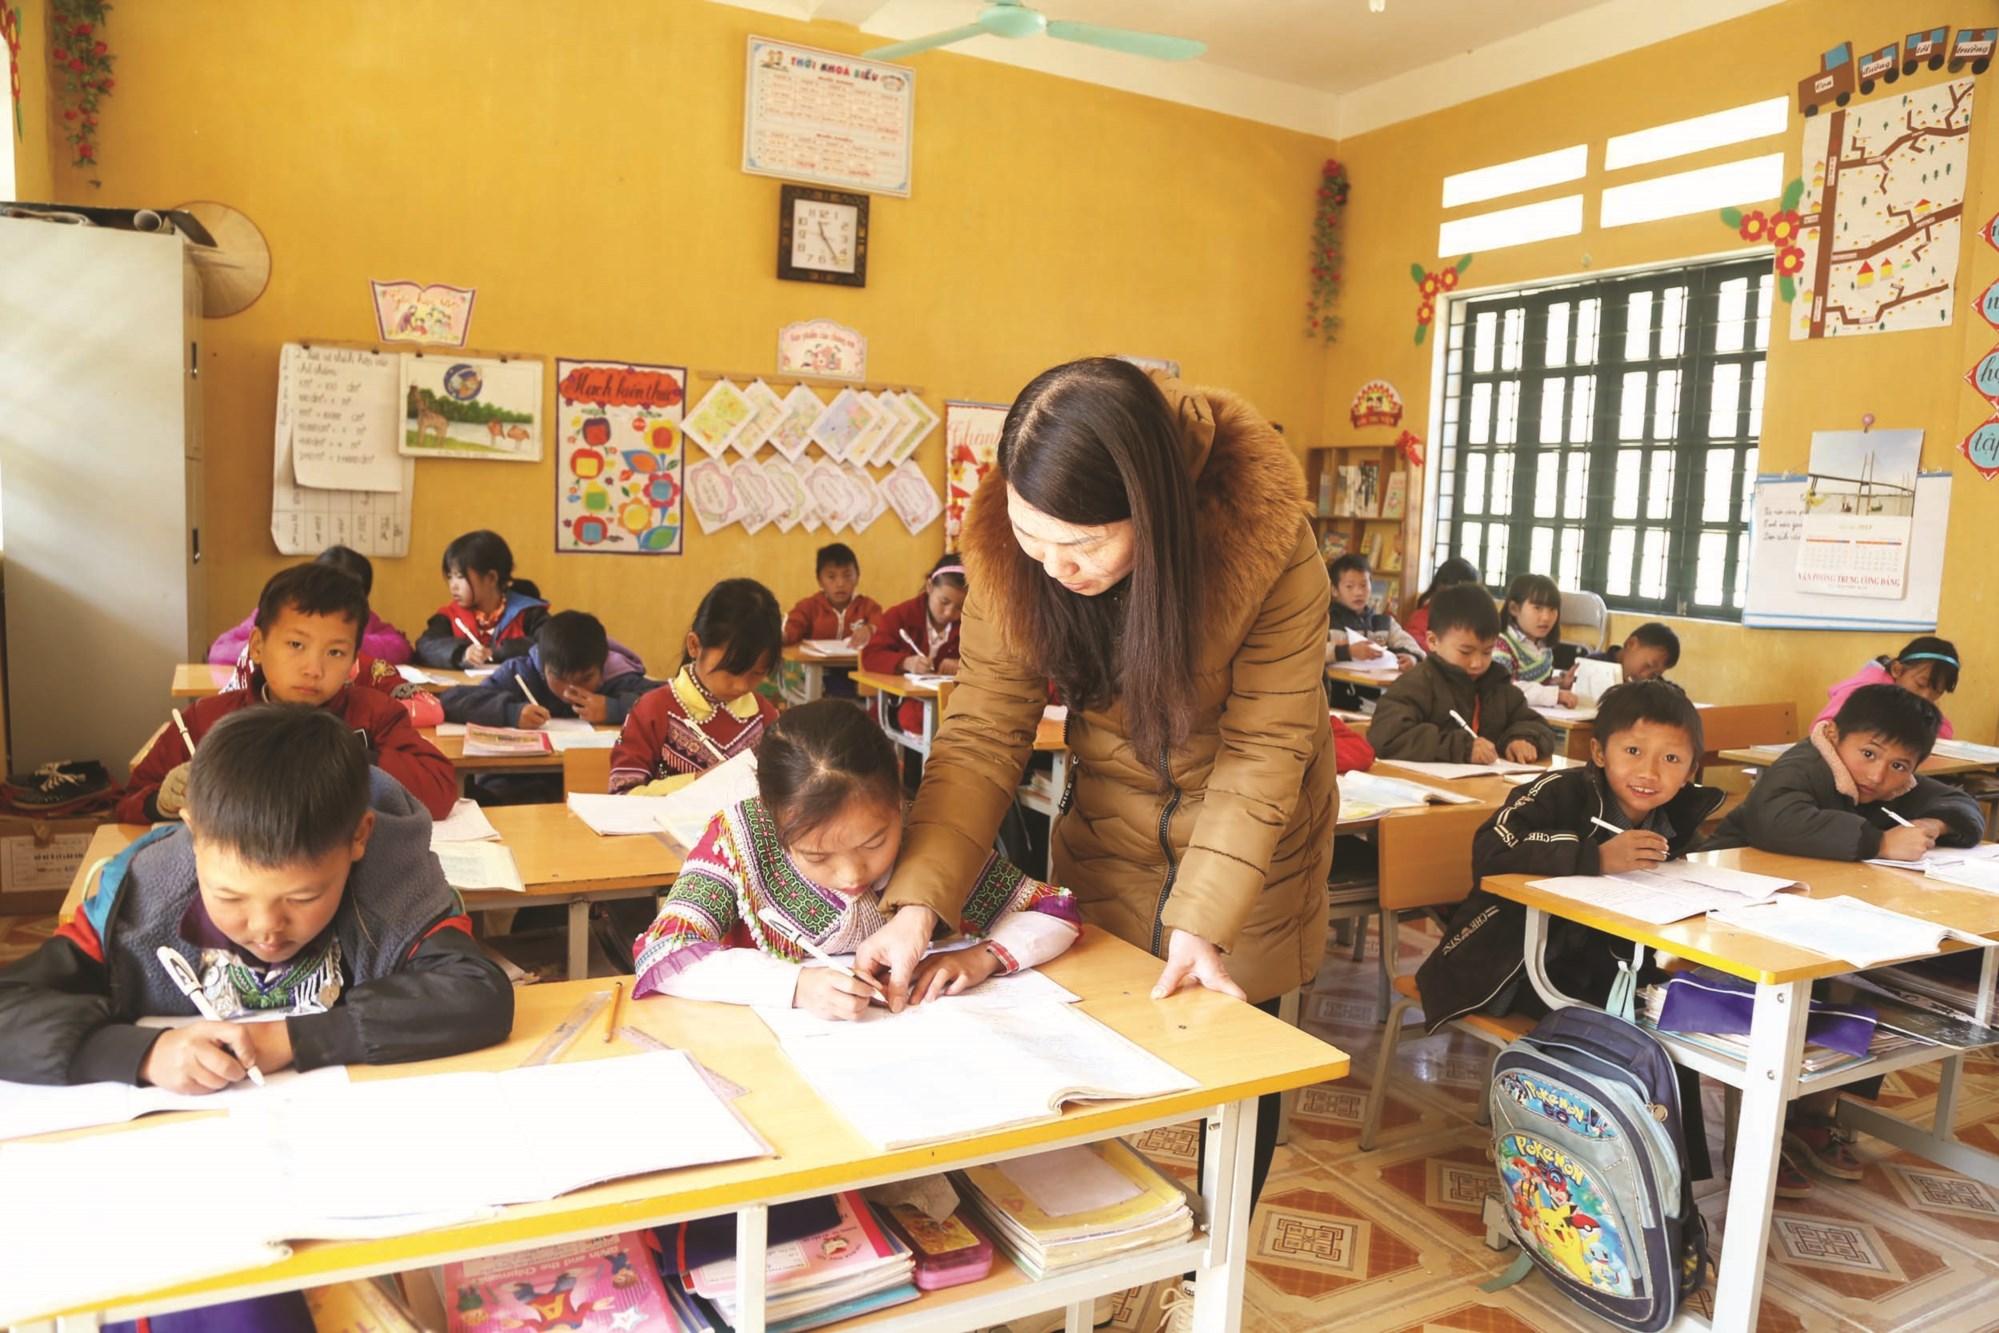 Với sự quan tâm đầu tư cho giáo dục vùng cao, con em đồng bào ở Bản Phố đã được học tập trong những ngôi trường khang trang.